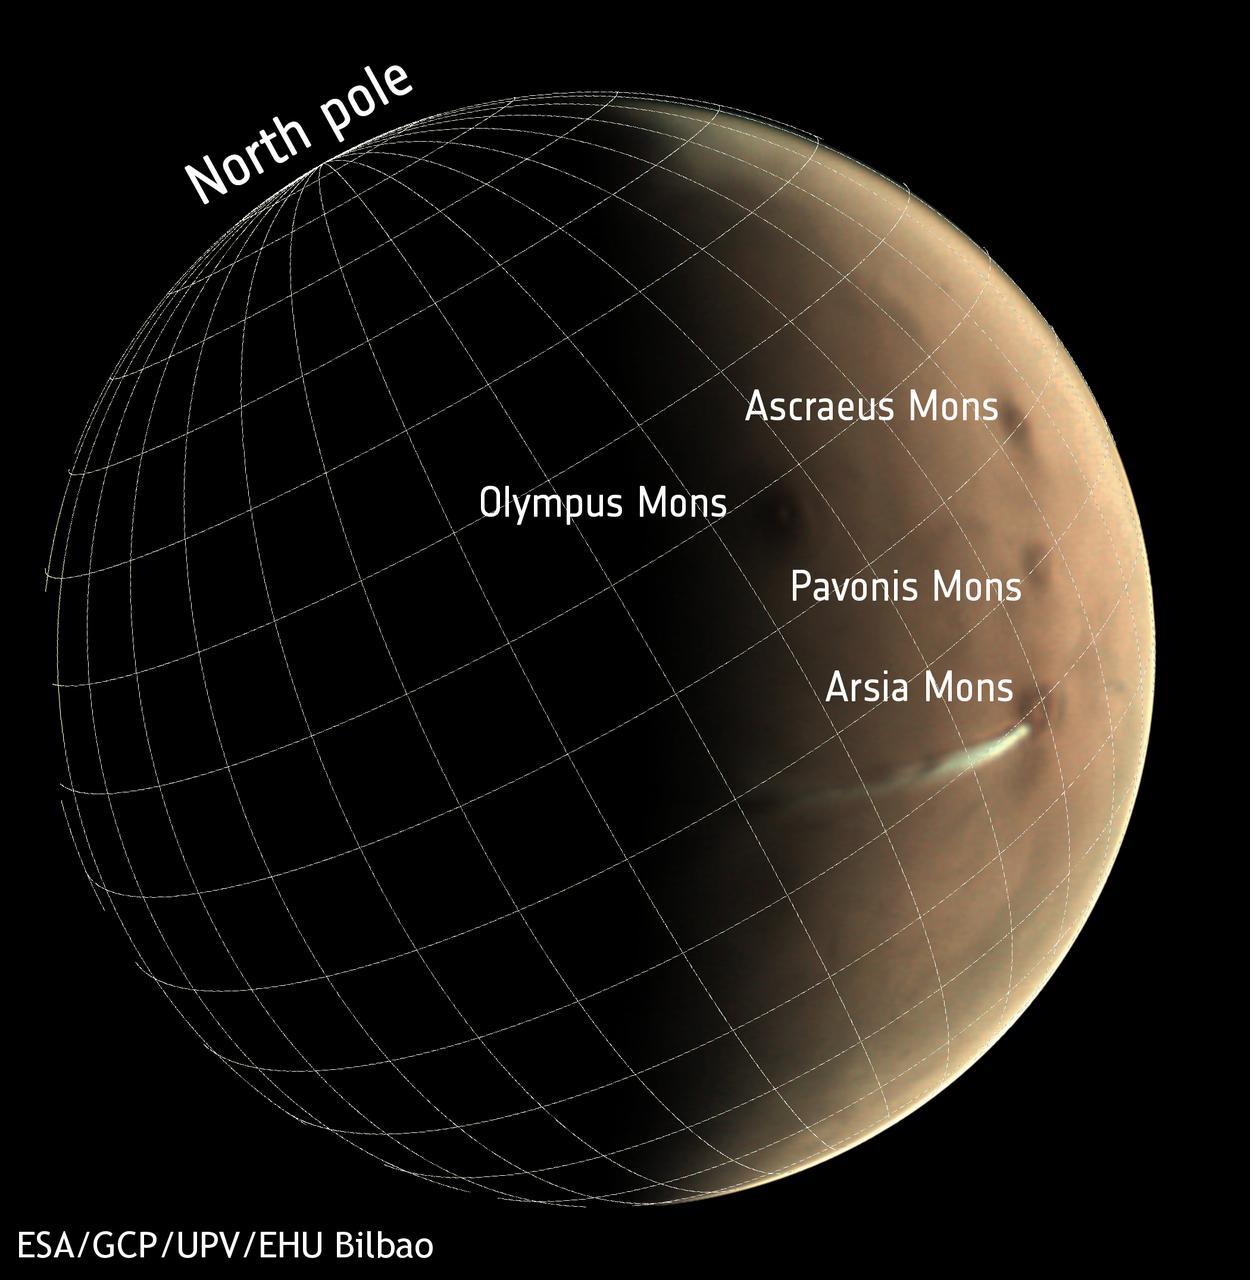 1567214009564-Mars_Express_VMC_elongated_cloud_20181010_annotated_1280.jpg